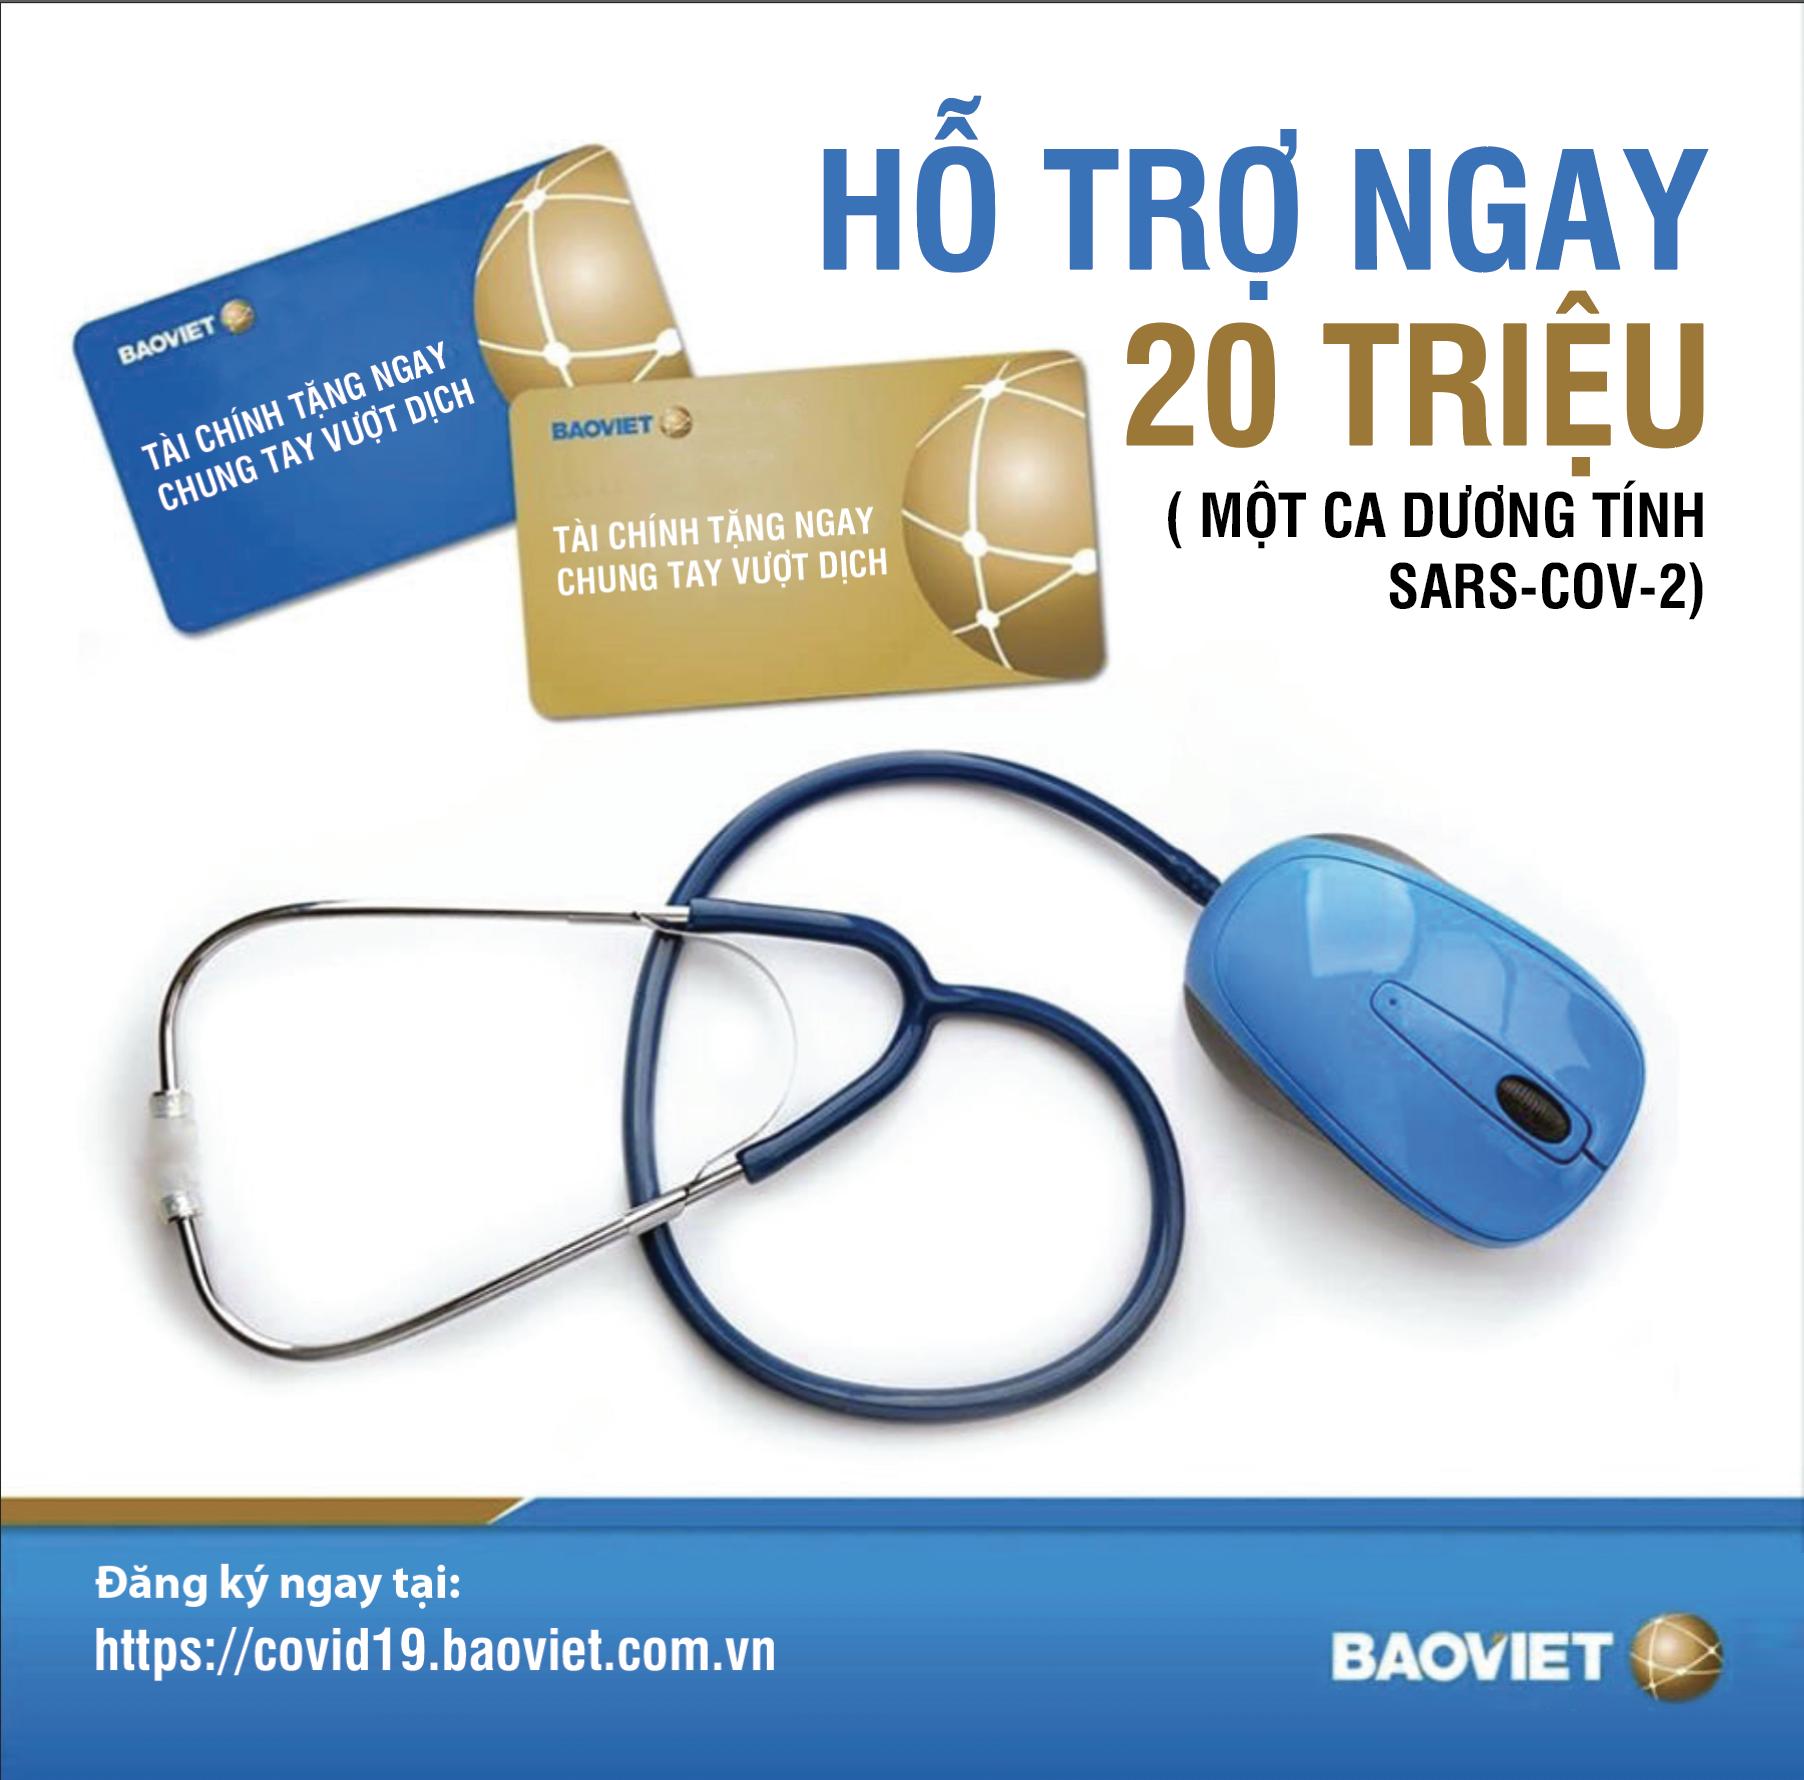 Bảo Việt: Đăng kí miễn phí, sẽ được hỗ trợ 20 triệu đồng nếu không may nhiễm SARS-CoV-2 - Ảnh 2.